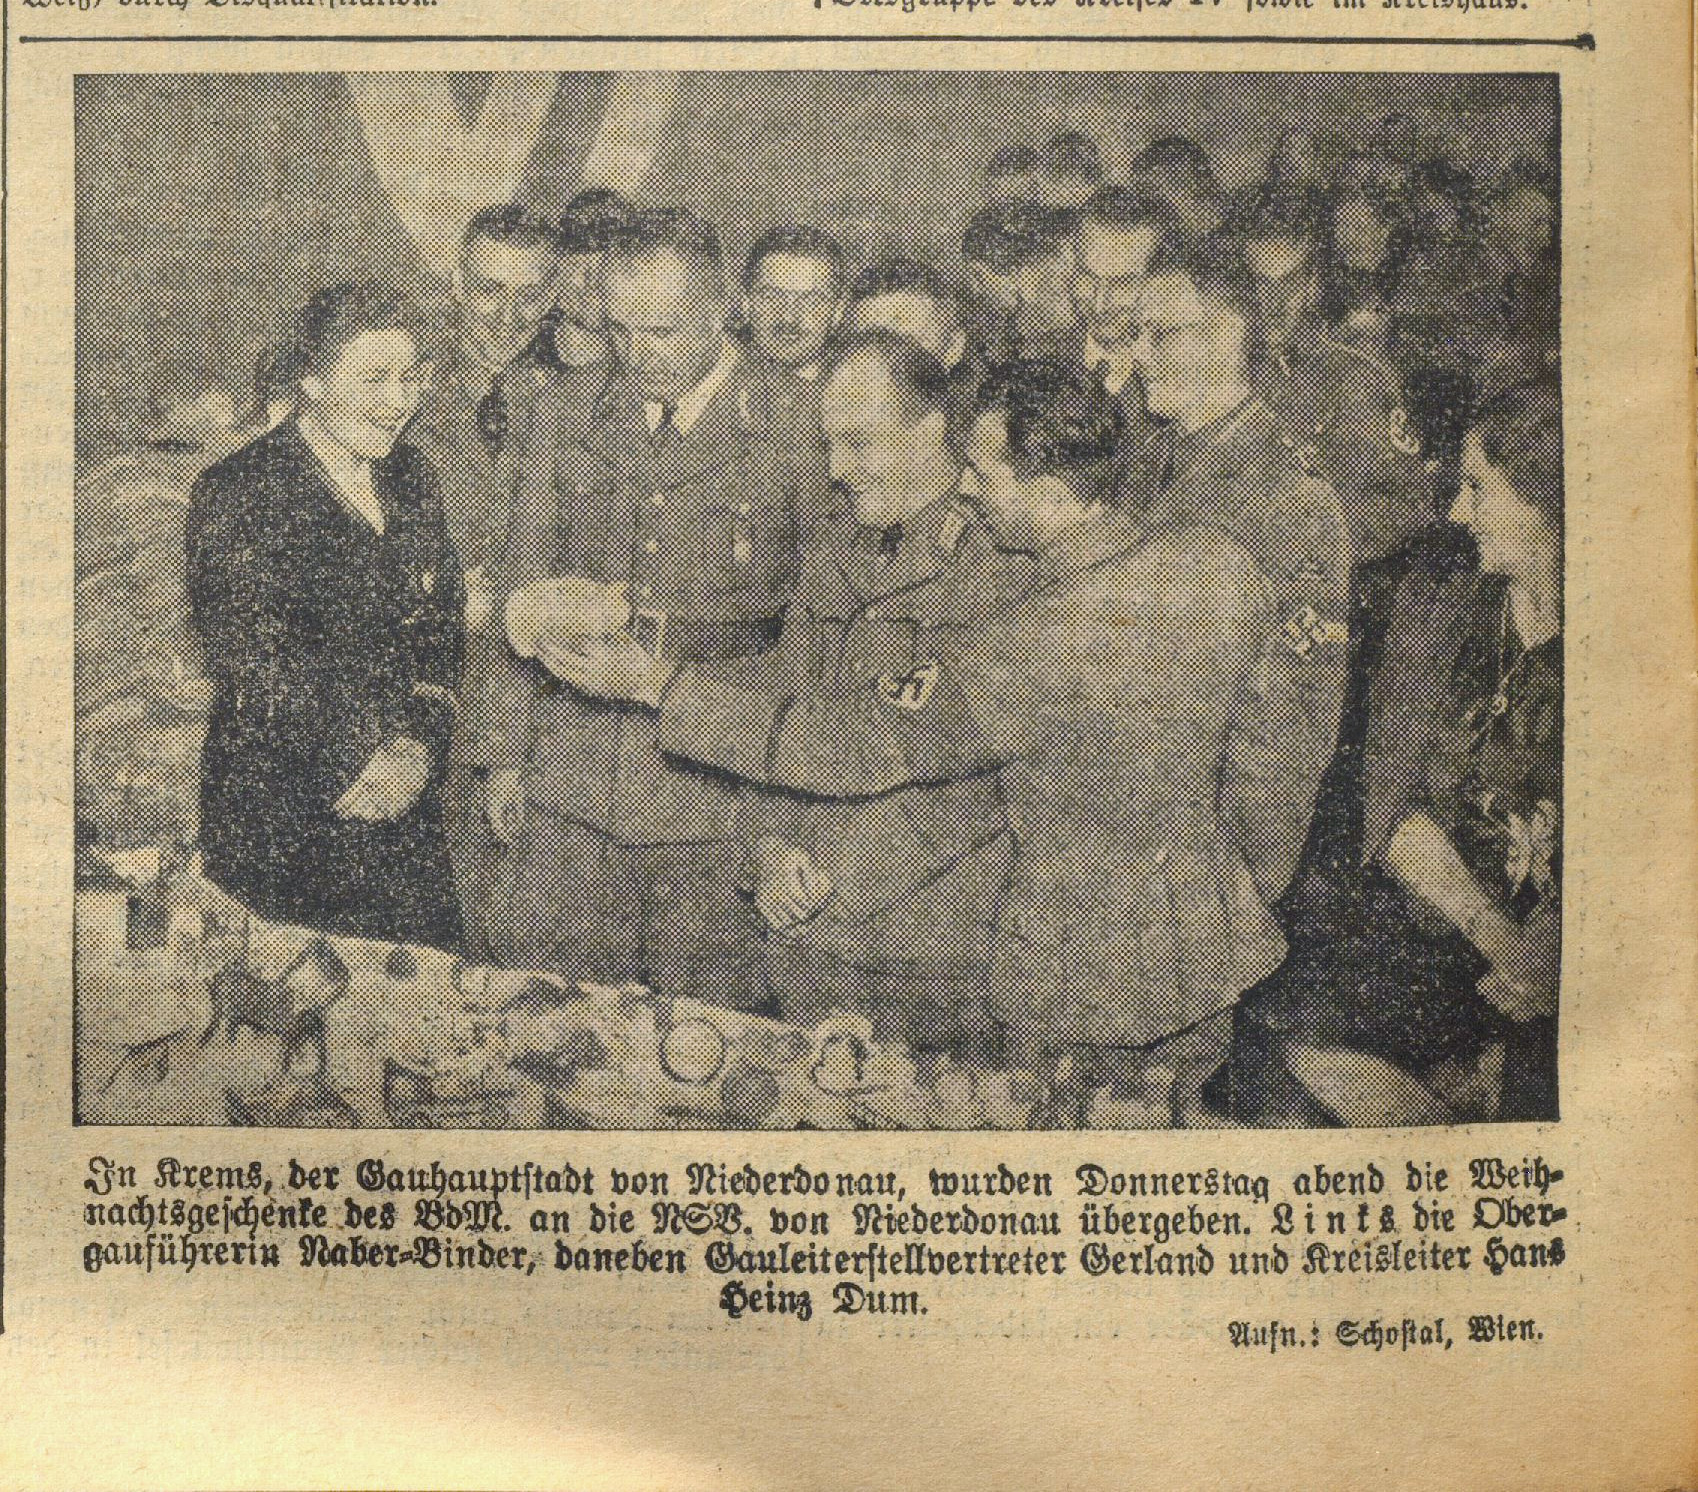 Kleine Volks-Zeitung 26. November 1938